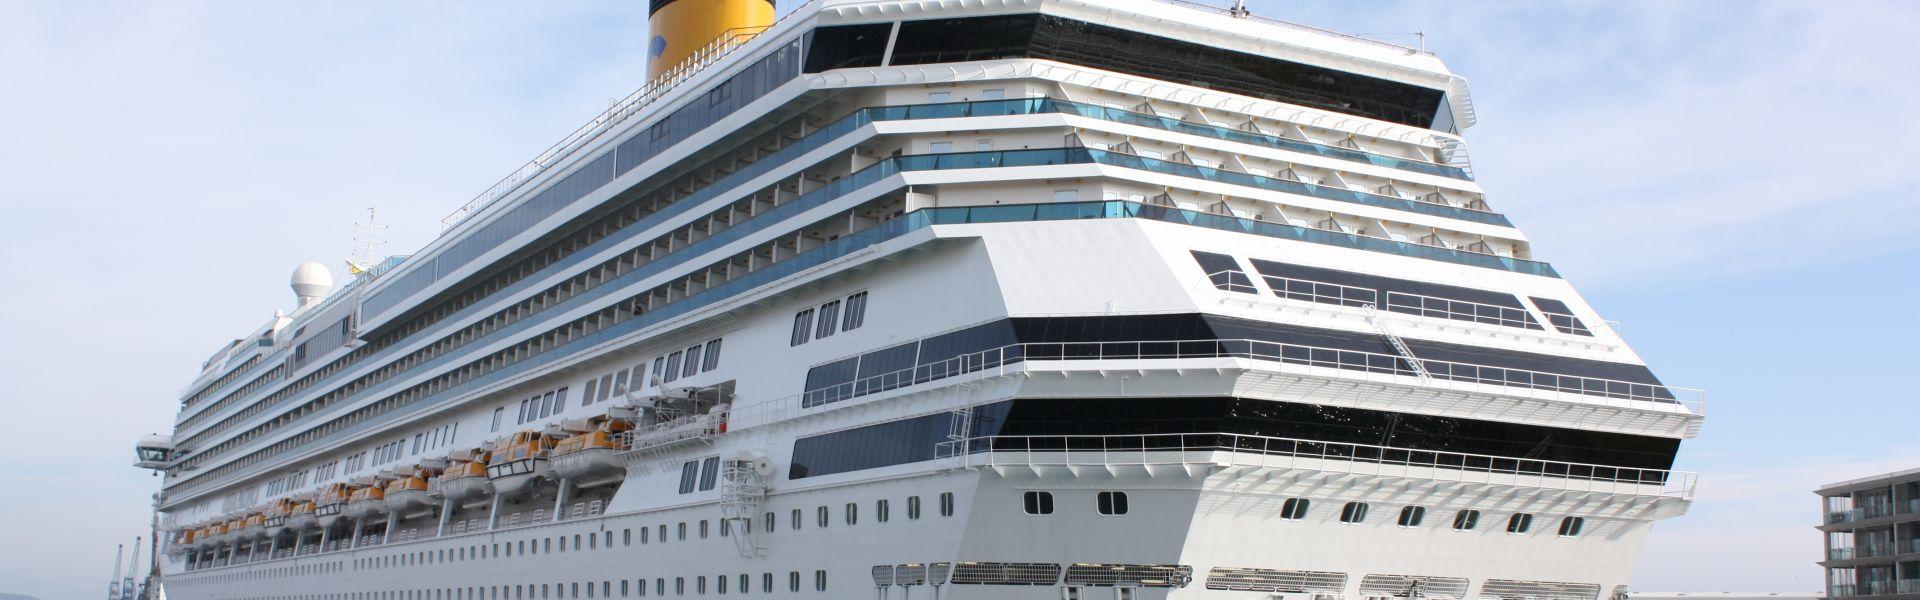 Croaziera 2018 - Insulele Canare (Savona) - Costa Cruises - Costa Pacifica - 11 nopti